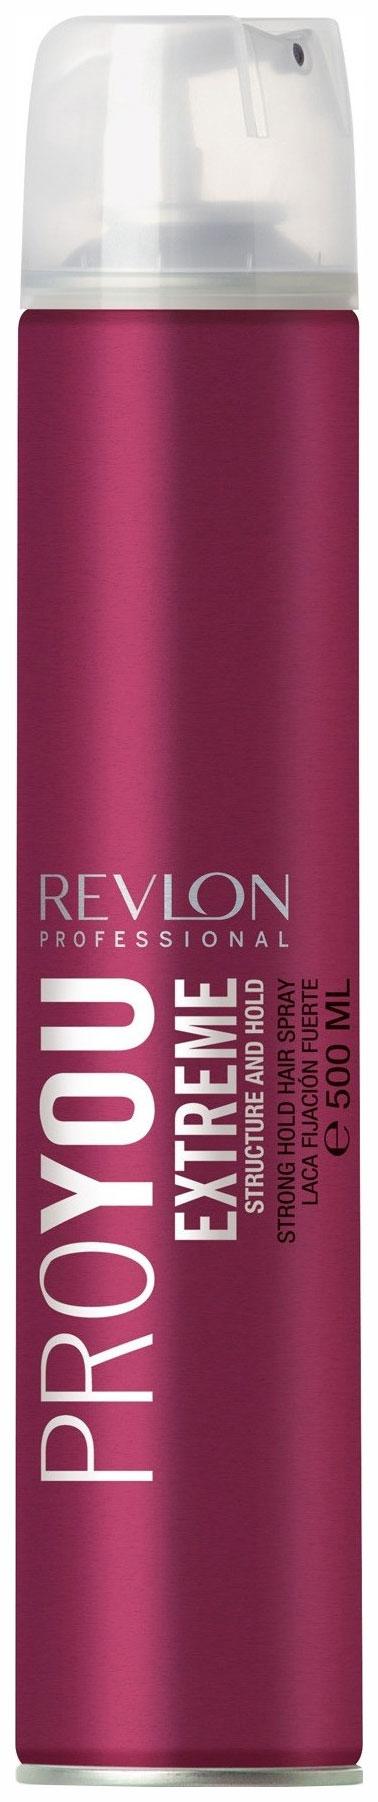 Лак для волос Revlon Professional Pro